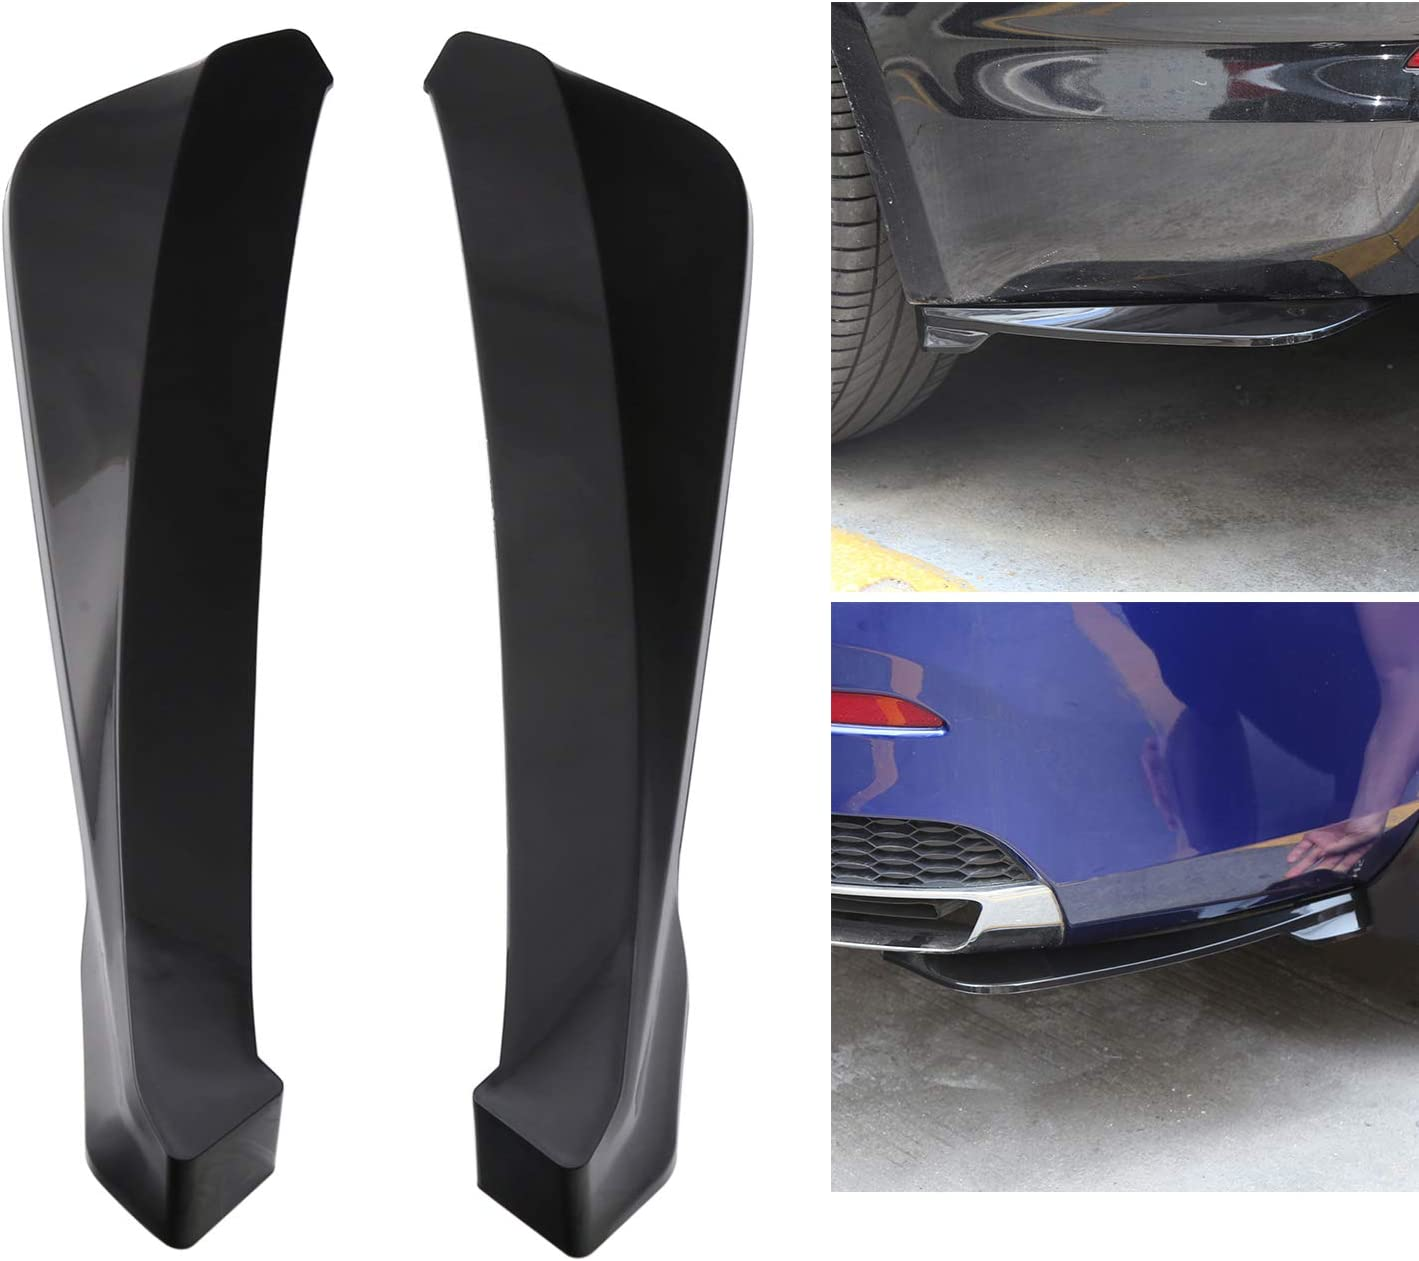 COMPATIBILE CON BMW F 800 GT CUSCINO PER SELLA MOTO COPRISELLA IN RETE AERO 3D TUCANO URBANO 326-N2 NERO COOL FRESH 39X36CM SPESSORE 2CM 100/% POLIESTERE